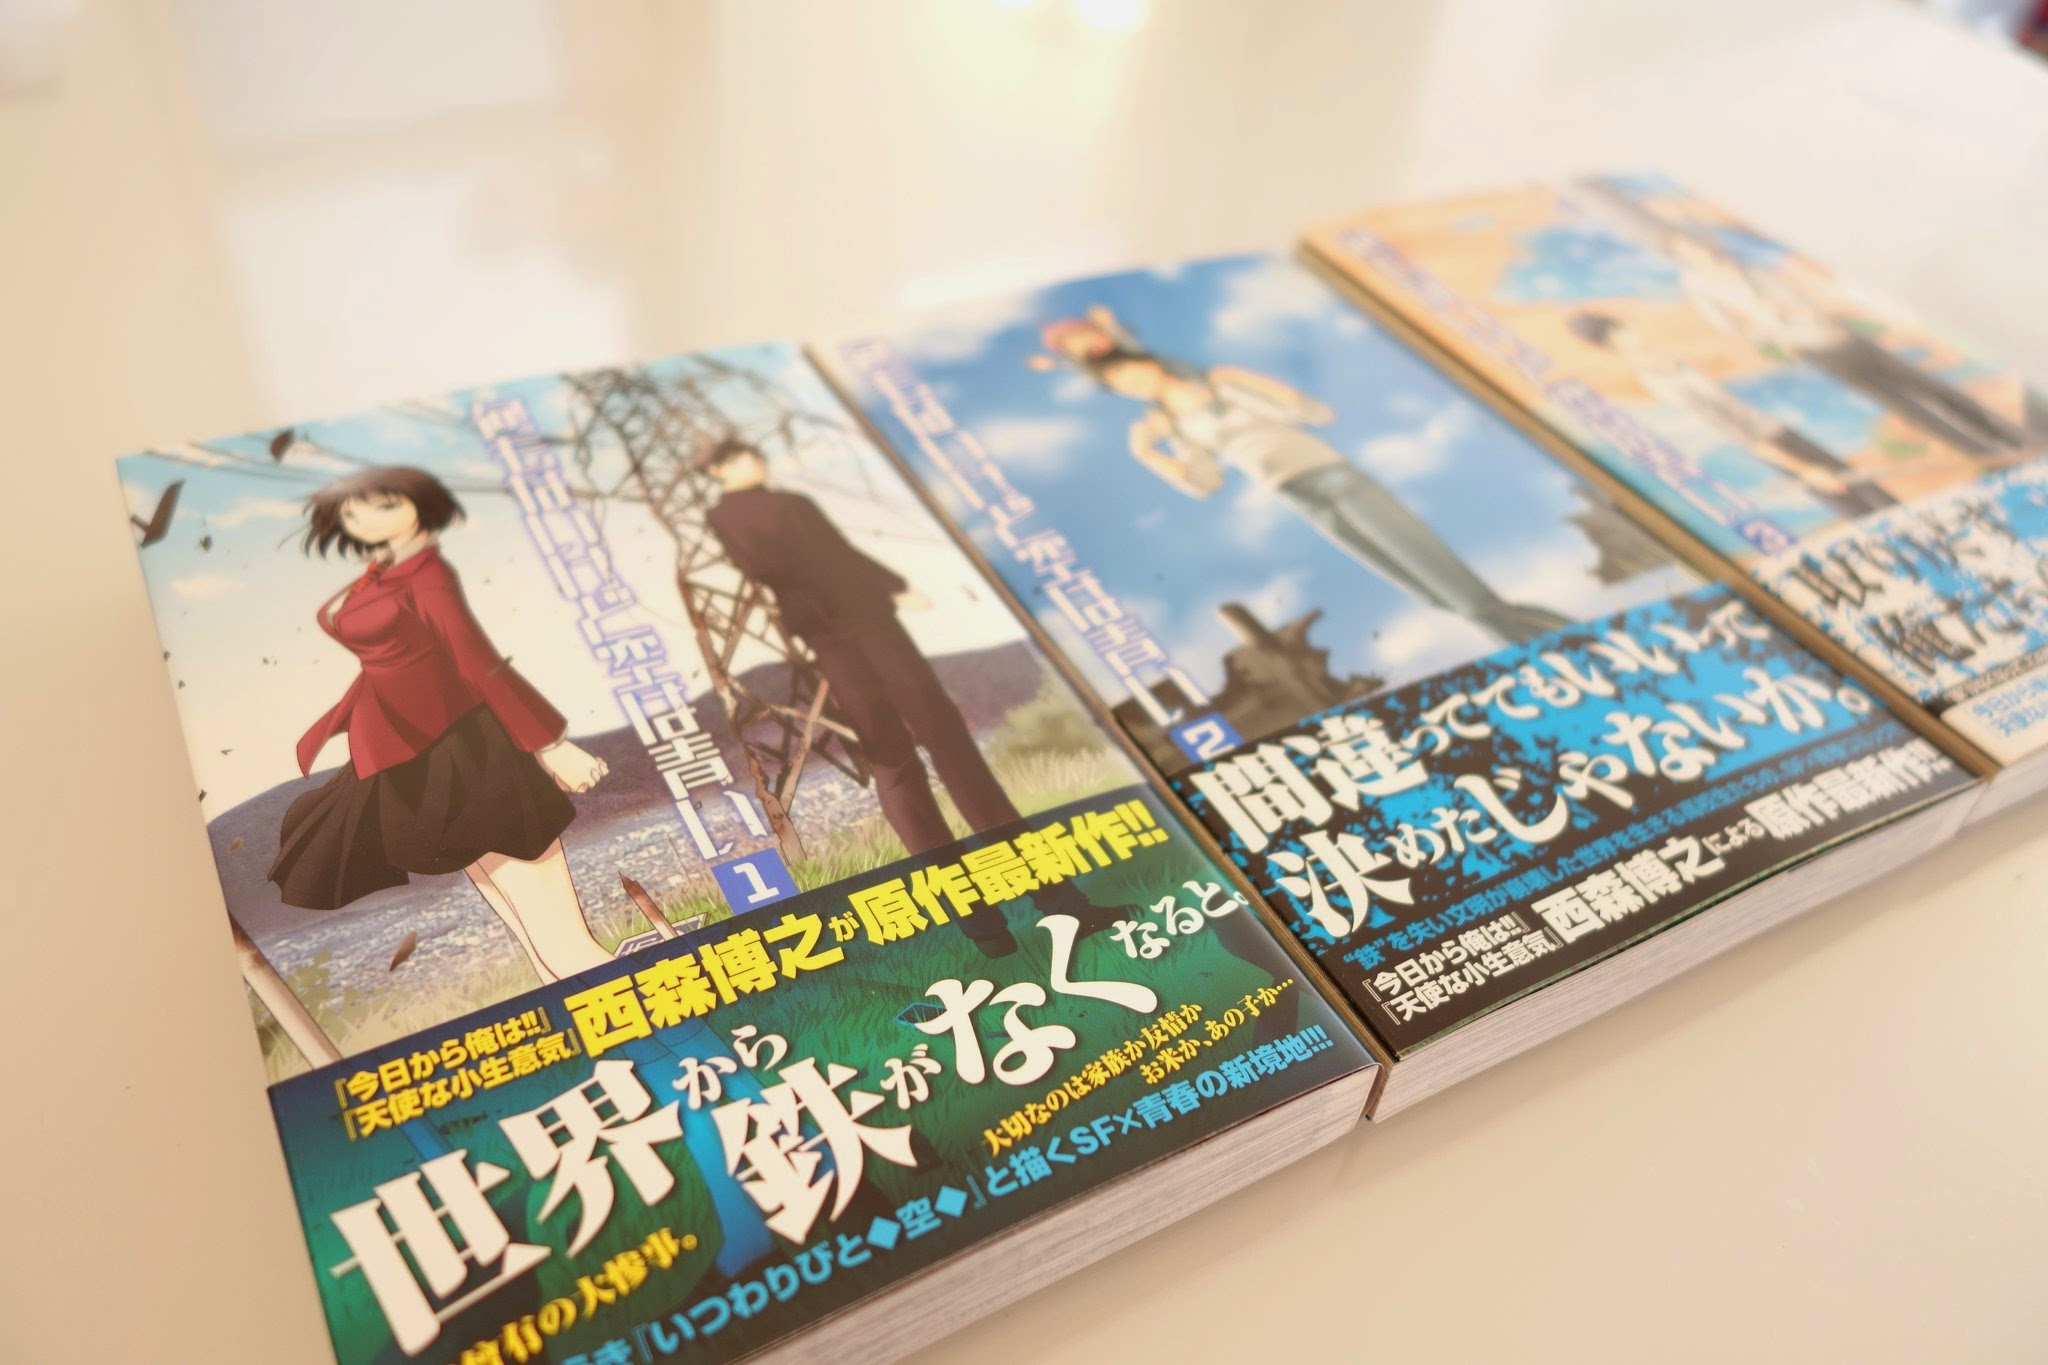 マンガは電子書籍キツイ!ということで西森博之さんの「何もないけど空は青い」を楽天ブックスで買ってみた